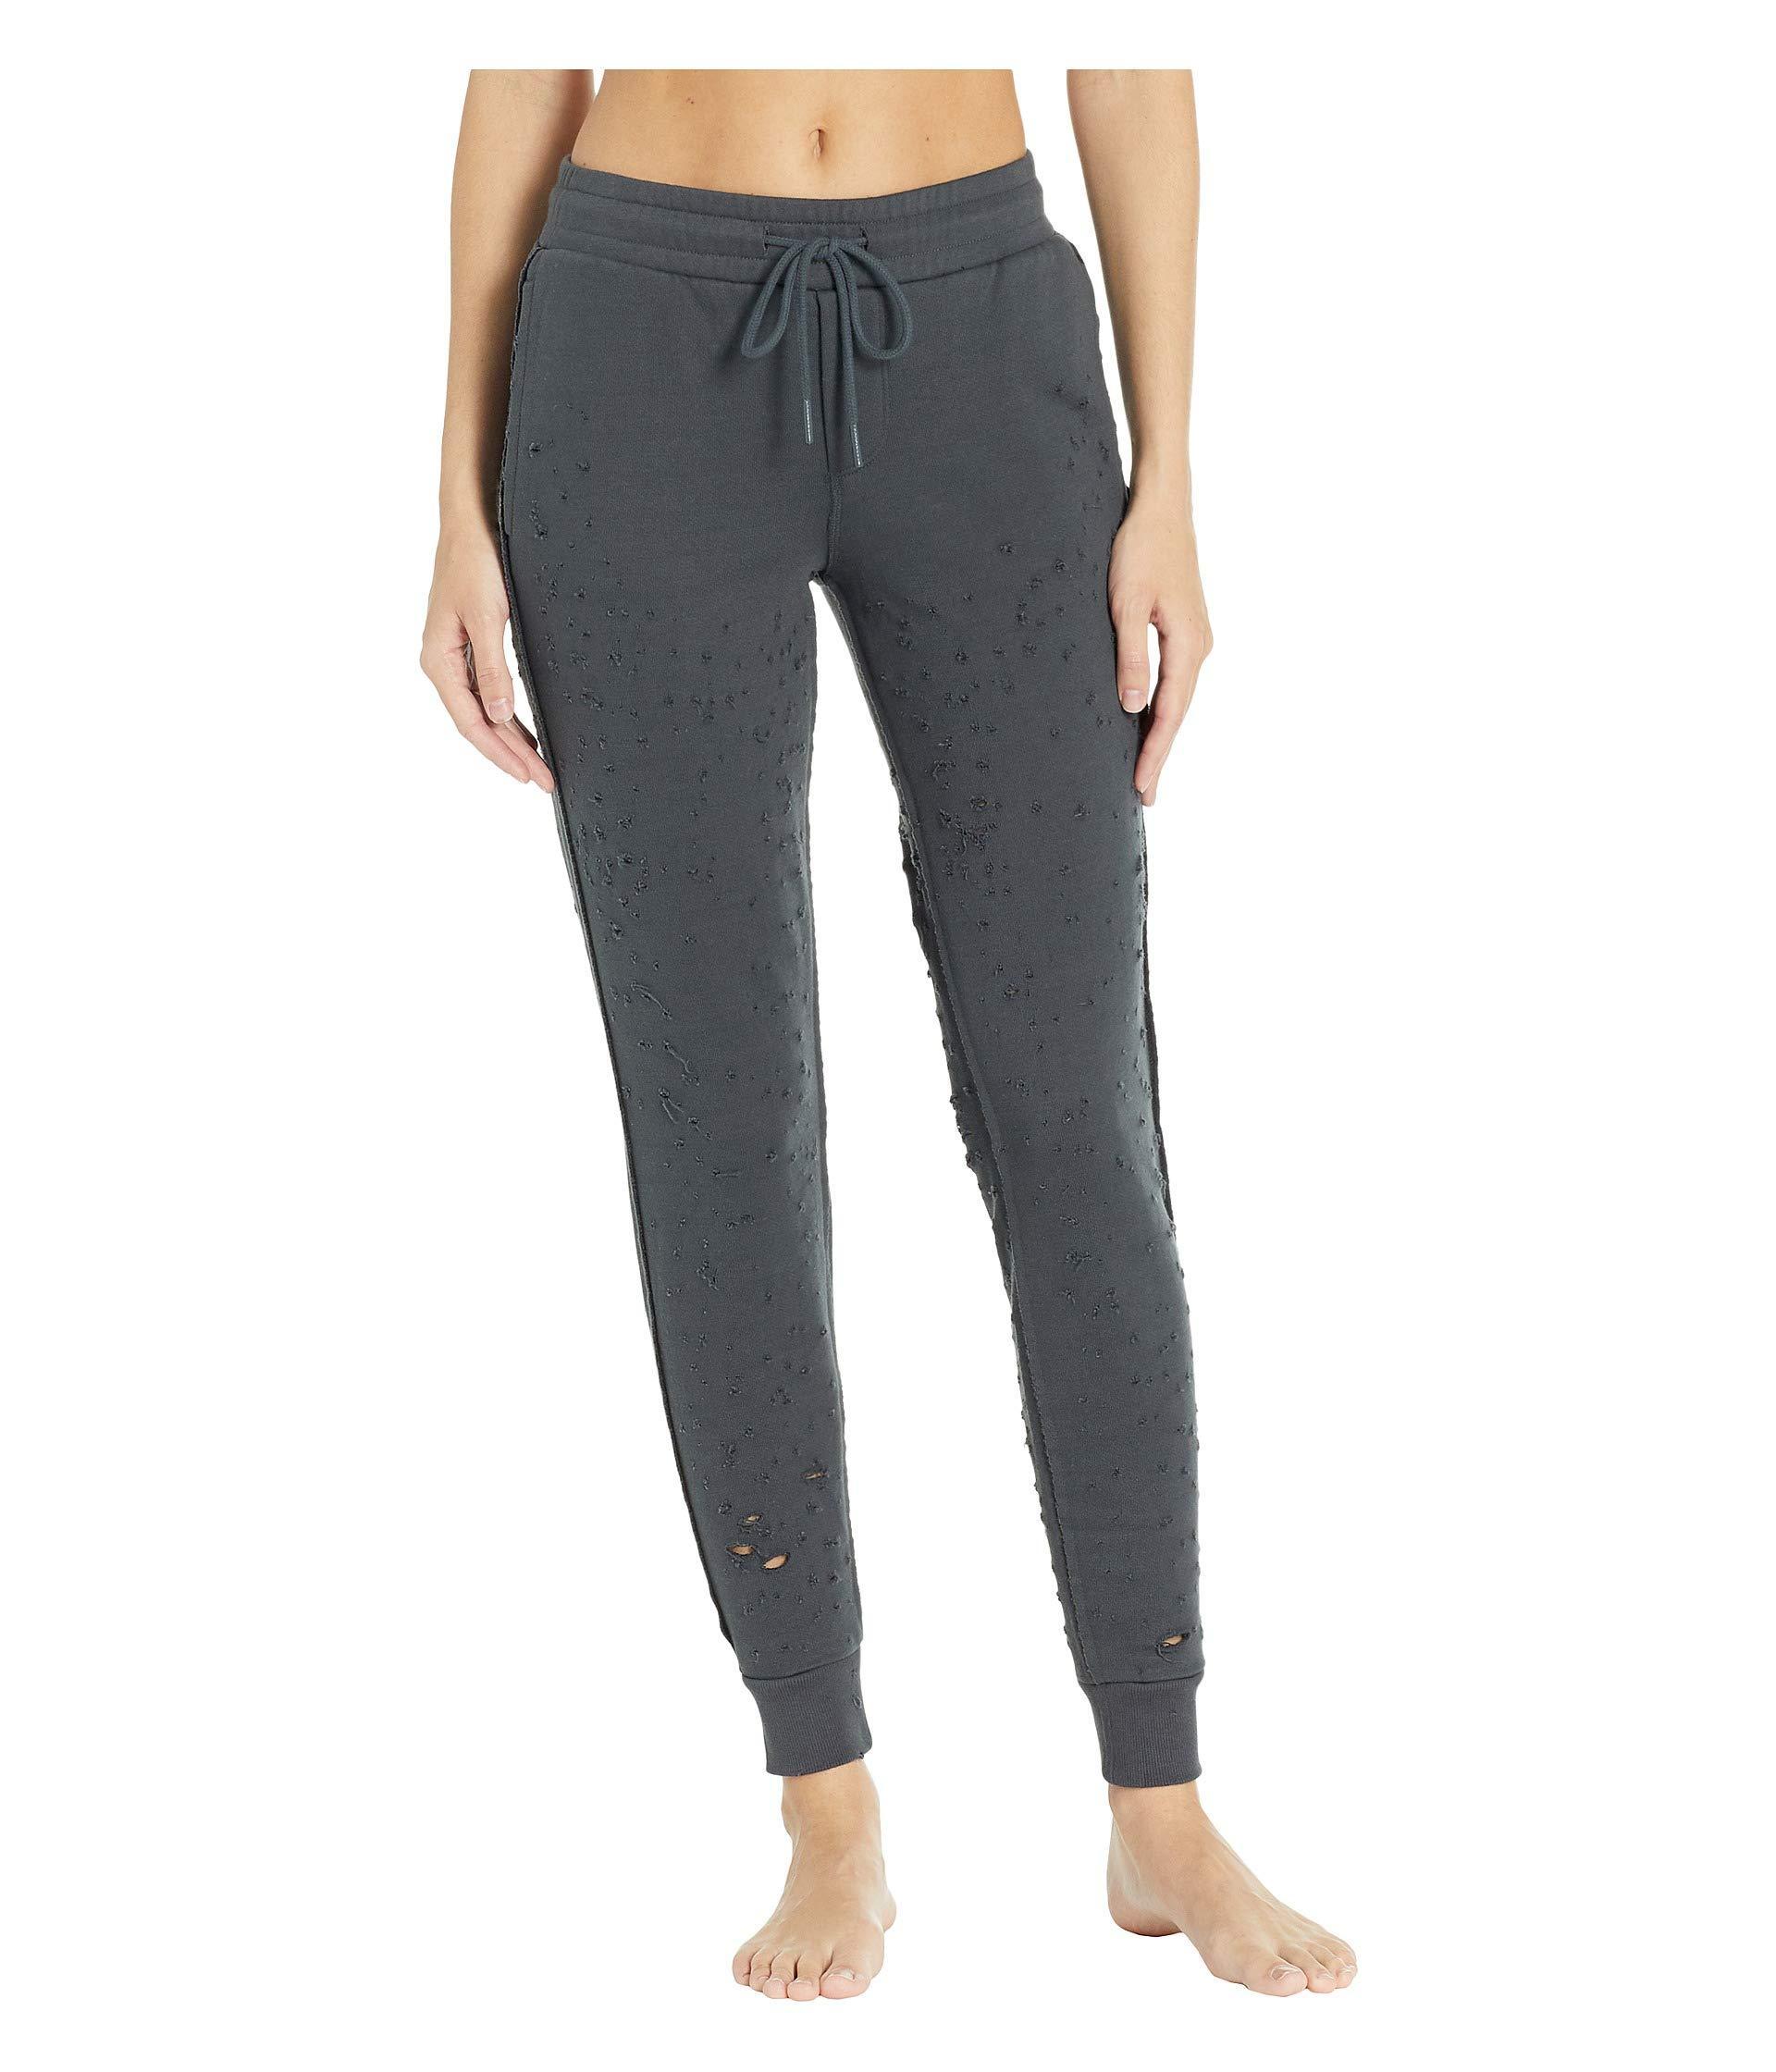 6cbc51b359 Alo Yoga Fierce Sweatpants (black) Women's Casual Pants in Gray - Lyst